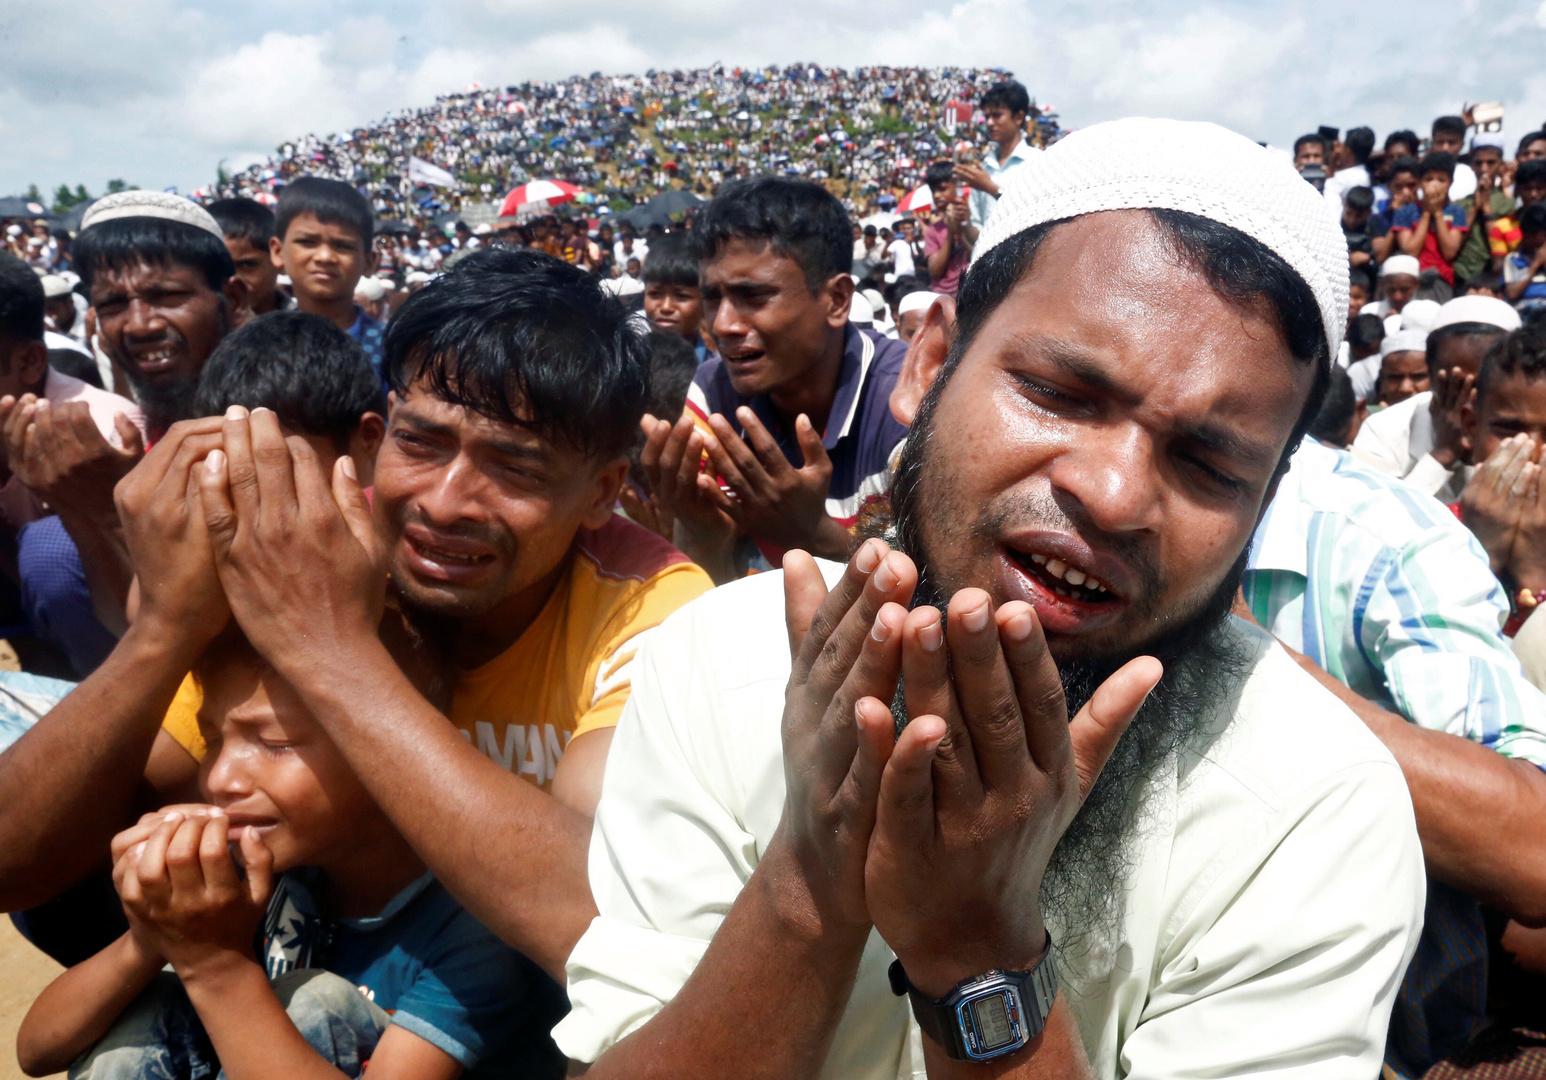 منع سياسيين من أقلية الروهينغا من الترشح لخوض الانتخابات في ميانمار